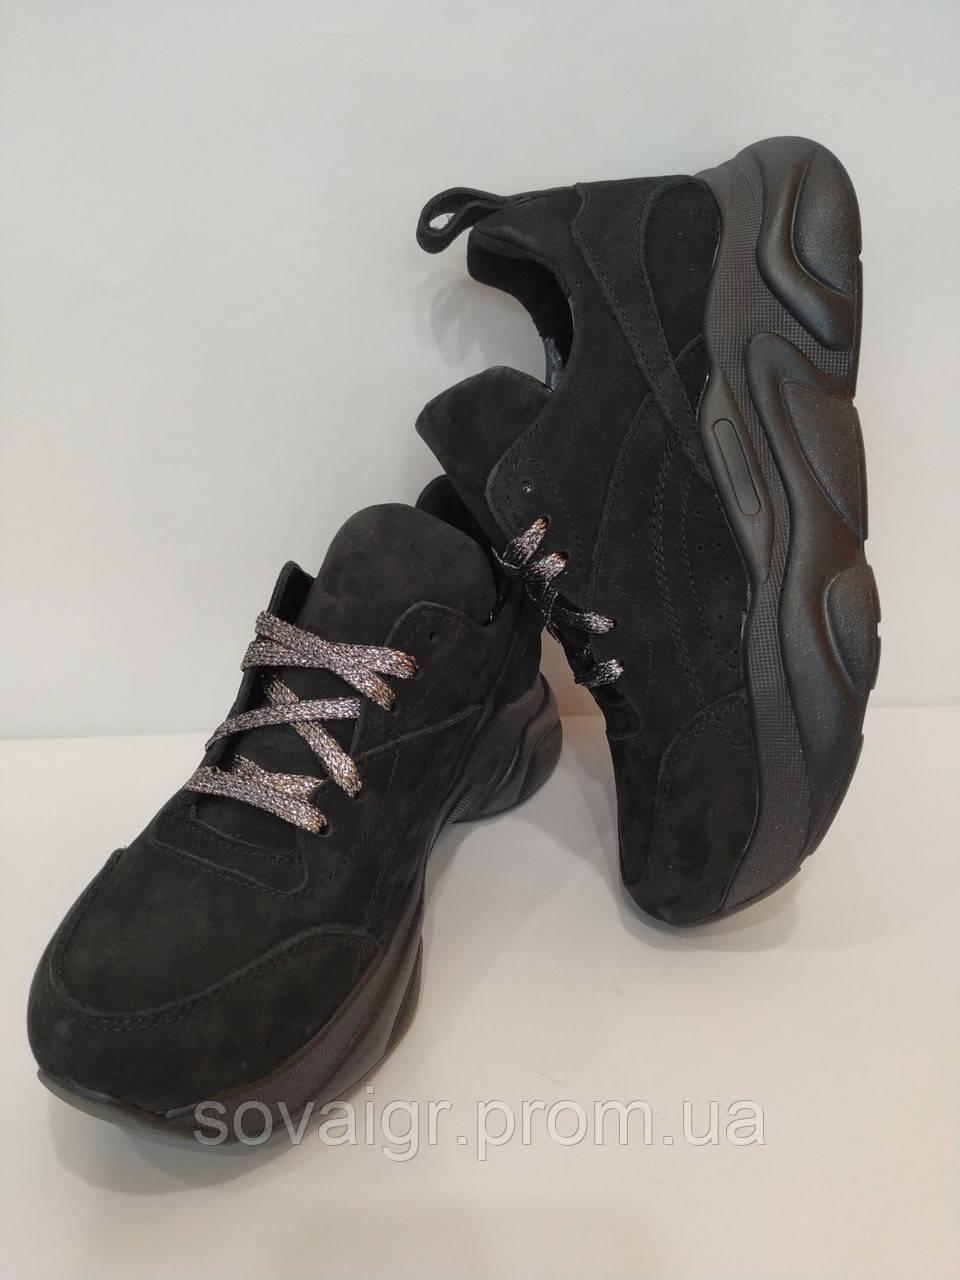 Детские натуральные кроссовки для девочки Teens